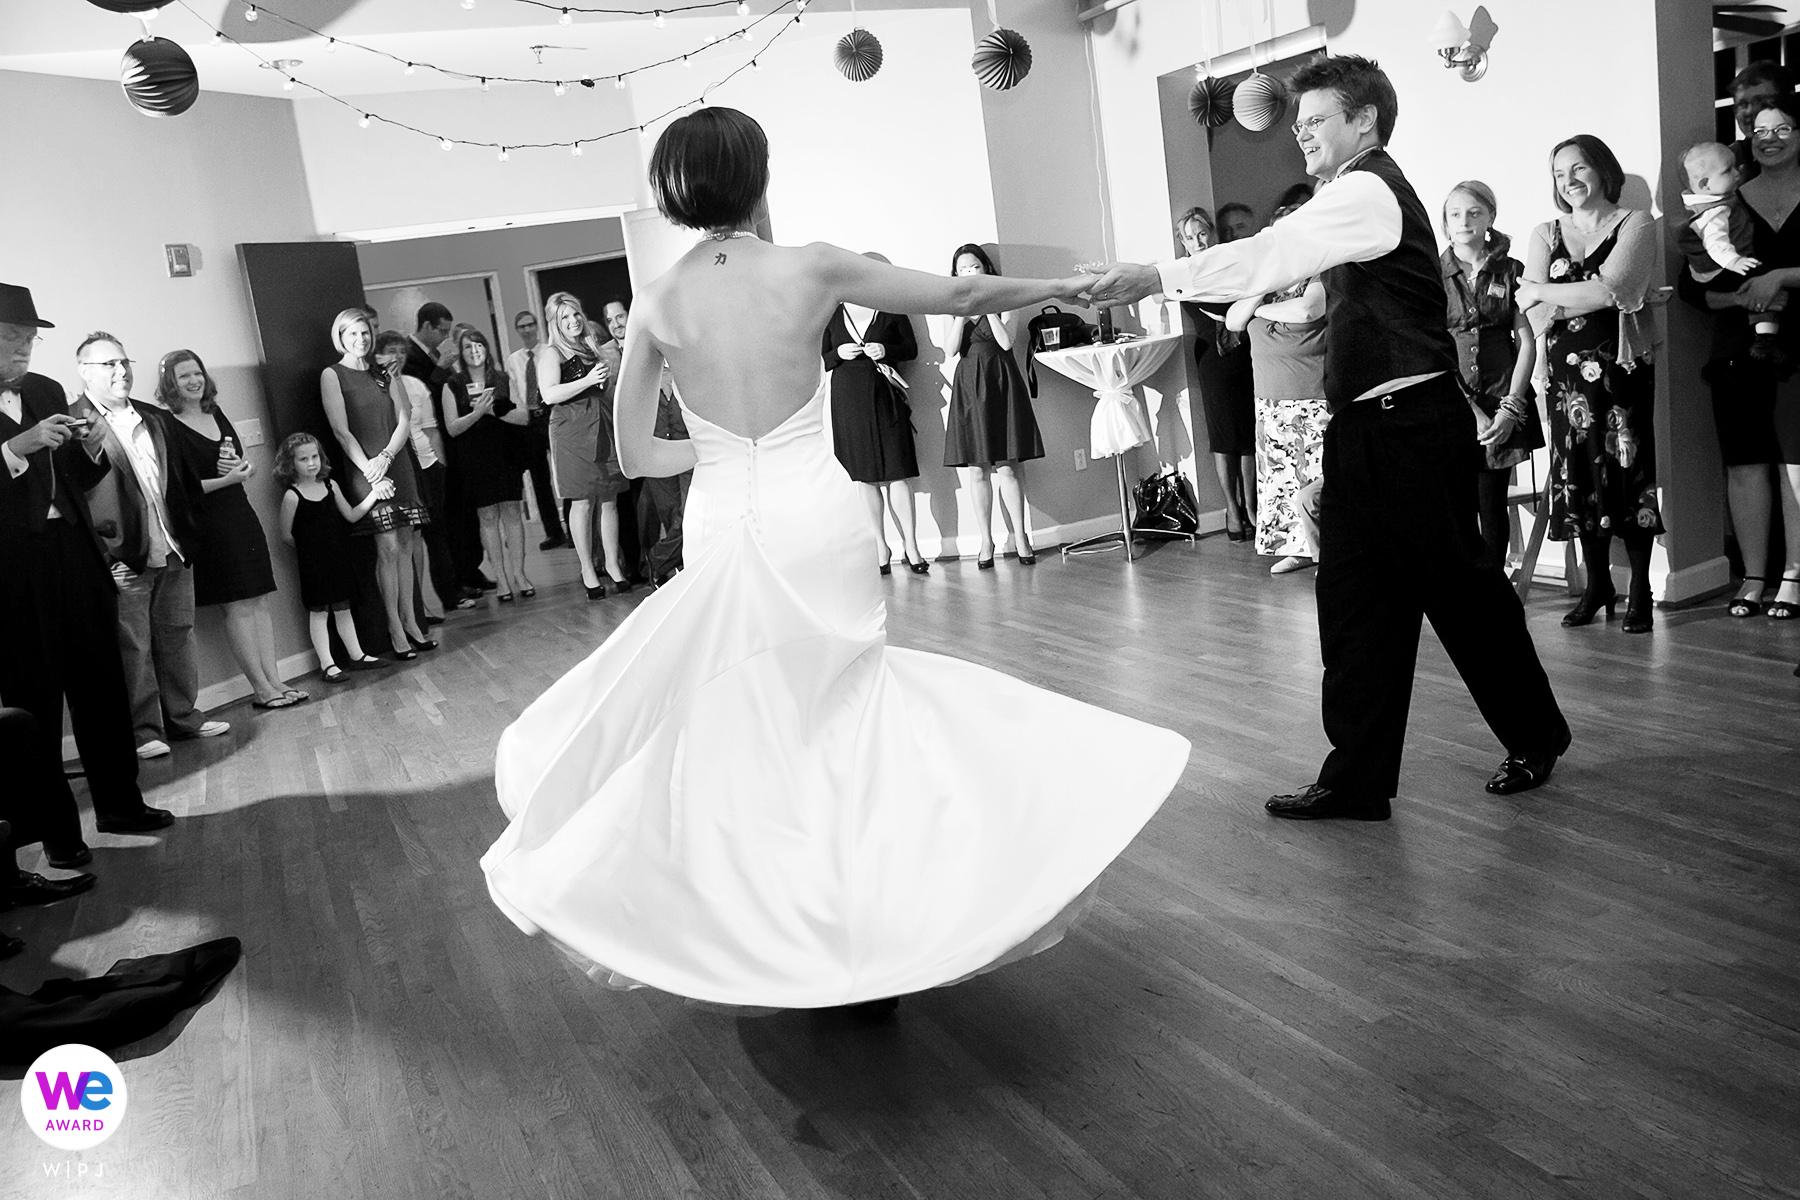 Photographie de mariage Decatur au solarium | Les invités à la réception se rassemblent autour des mariés dansants